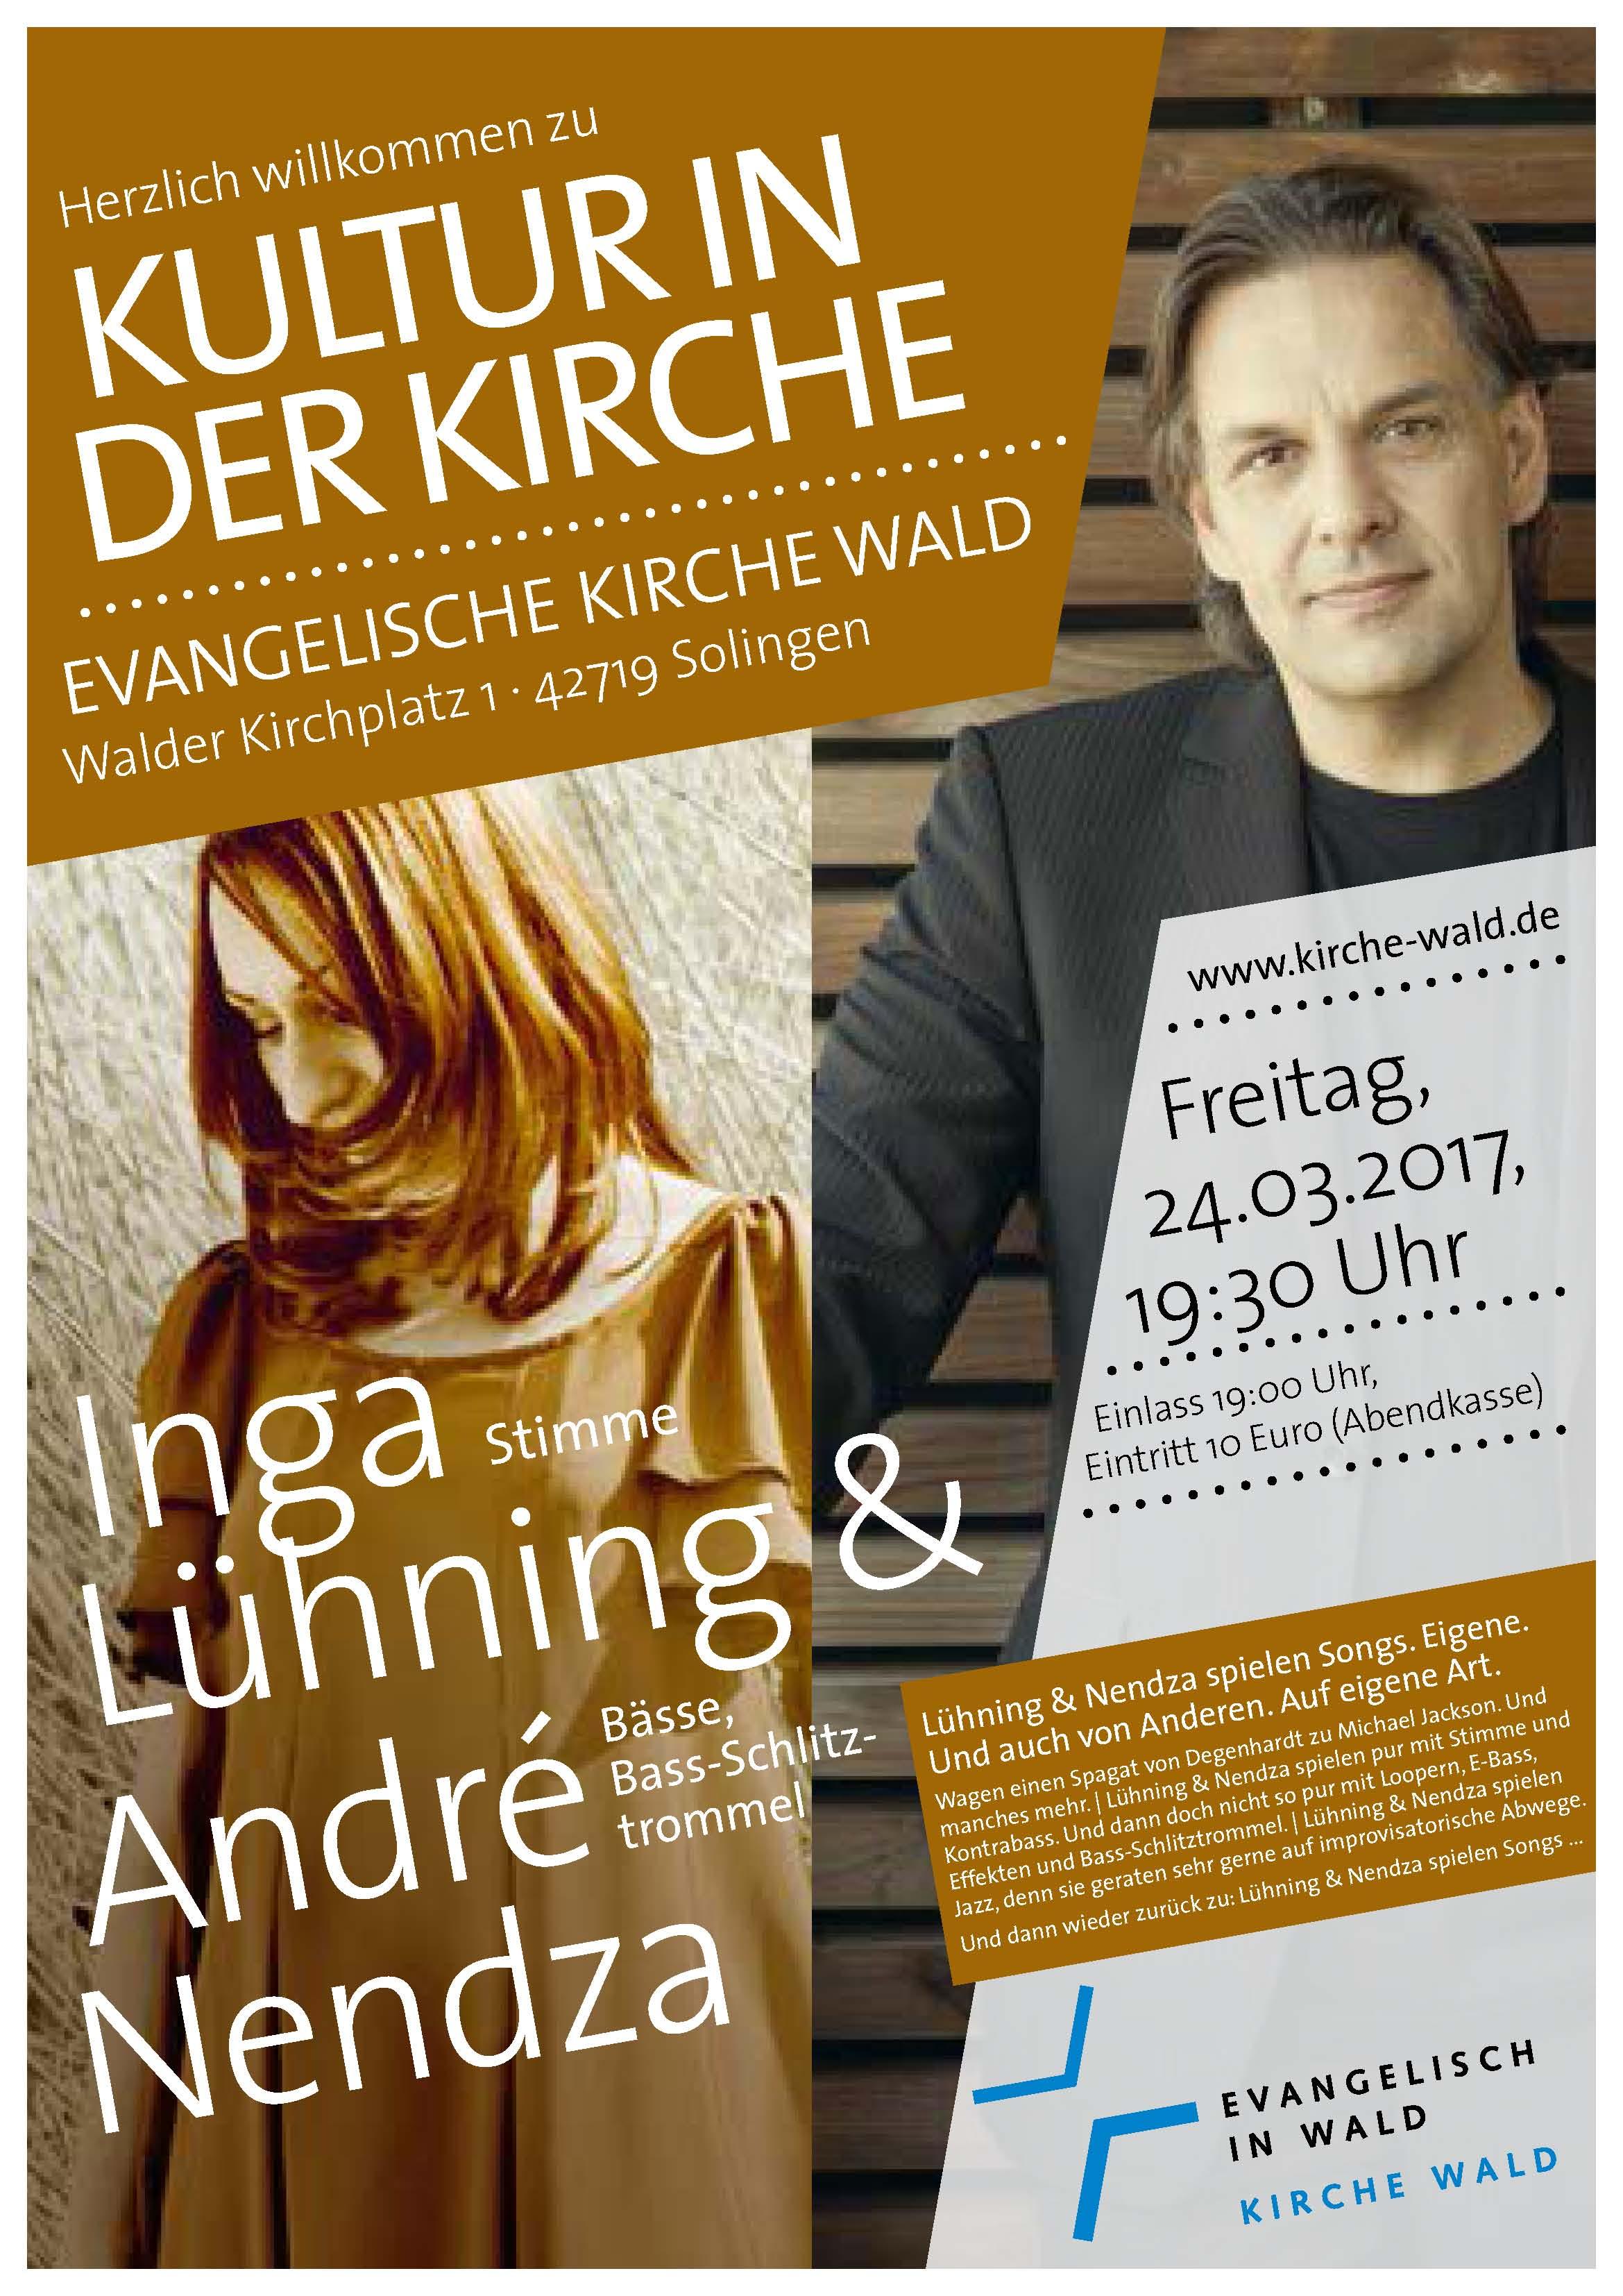 Inga Lühning: Stimme André Nendza: Bässe, Basschlitztrommel, Kultur in der Kirche